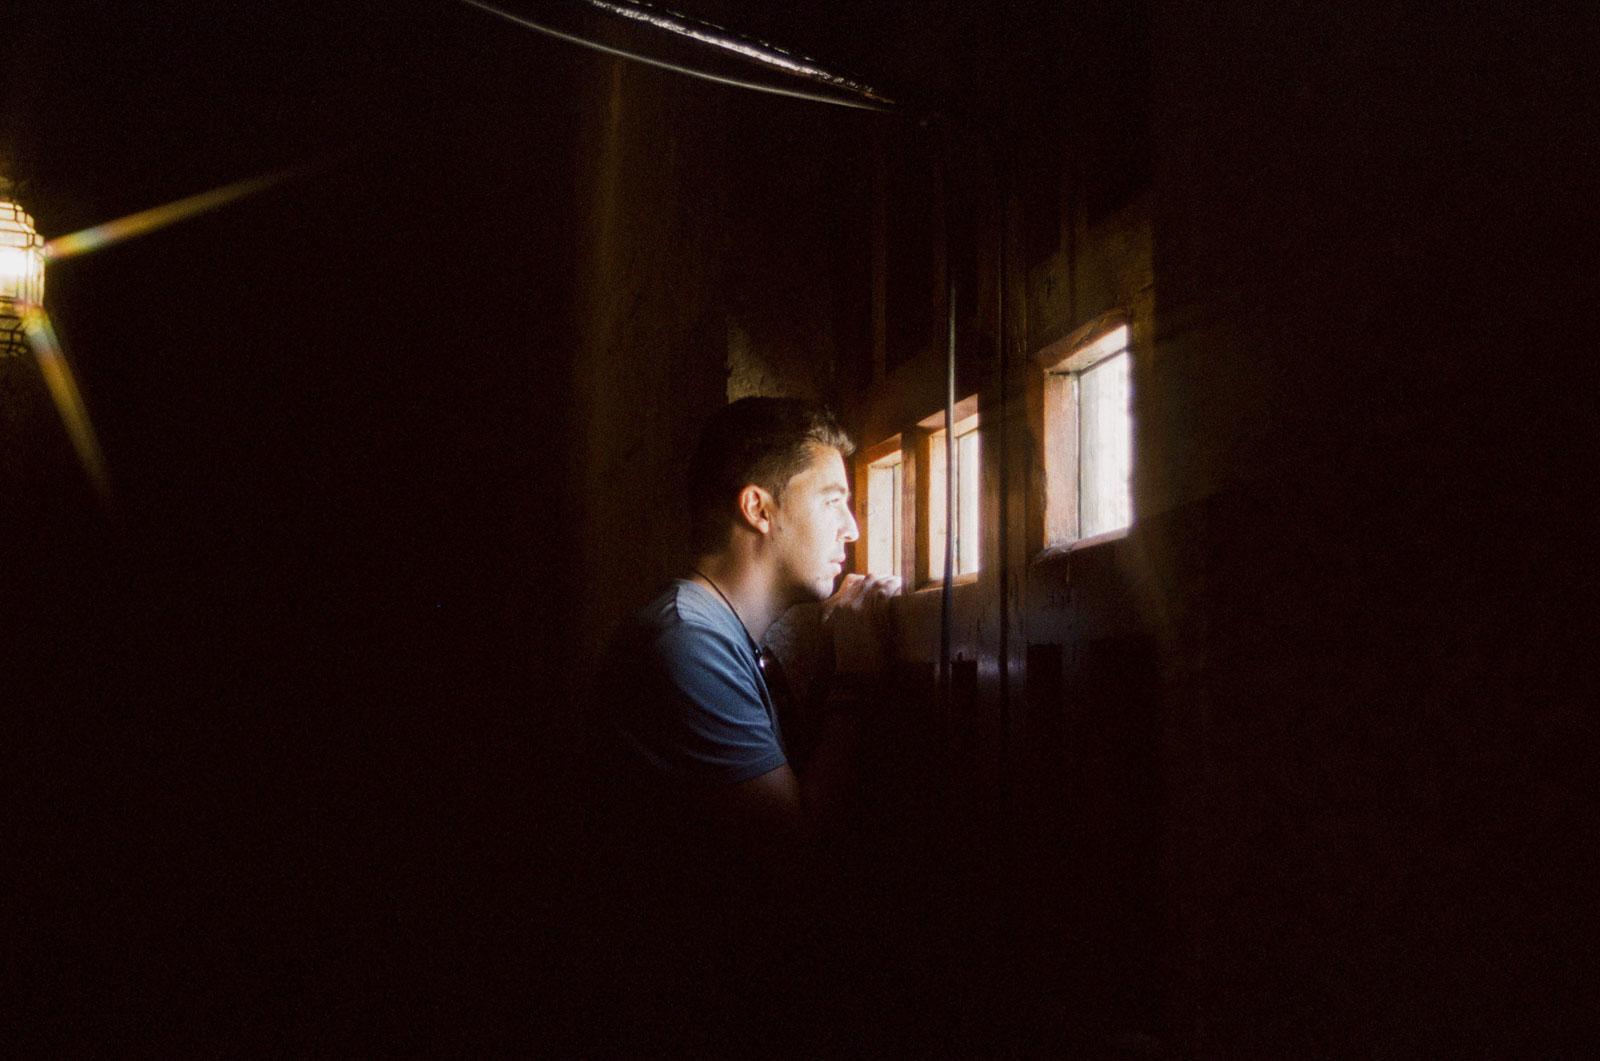 Dirección de fotografía - Fotografía documental contemporánea - Andalucía